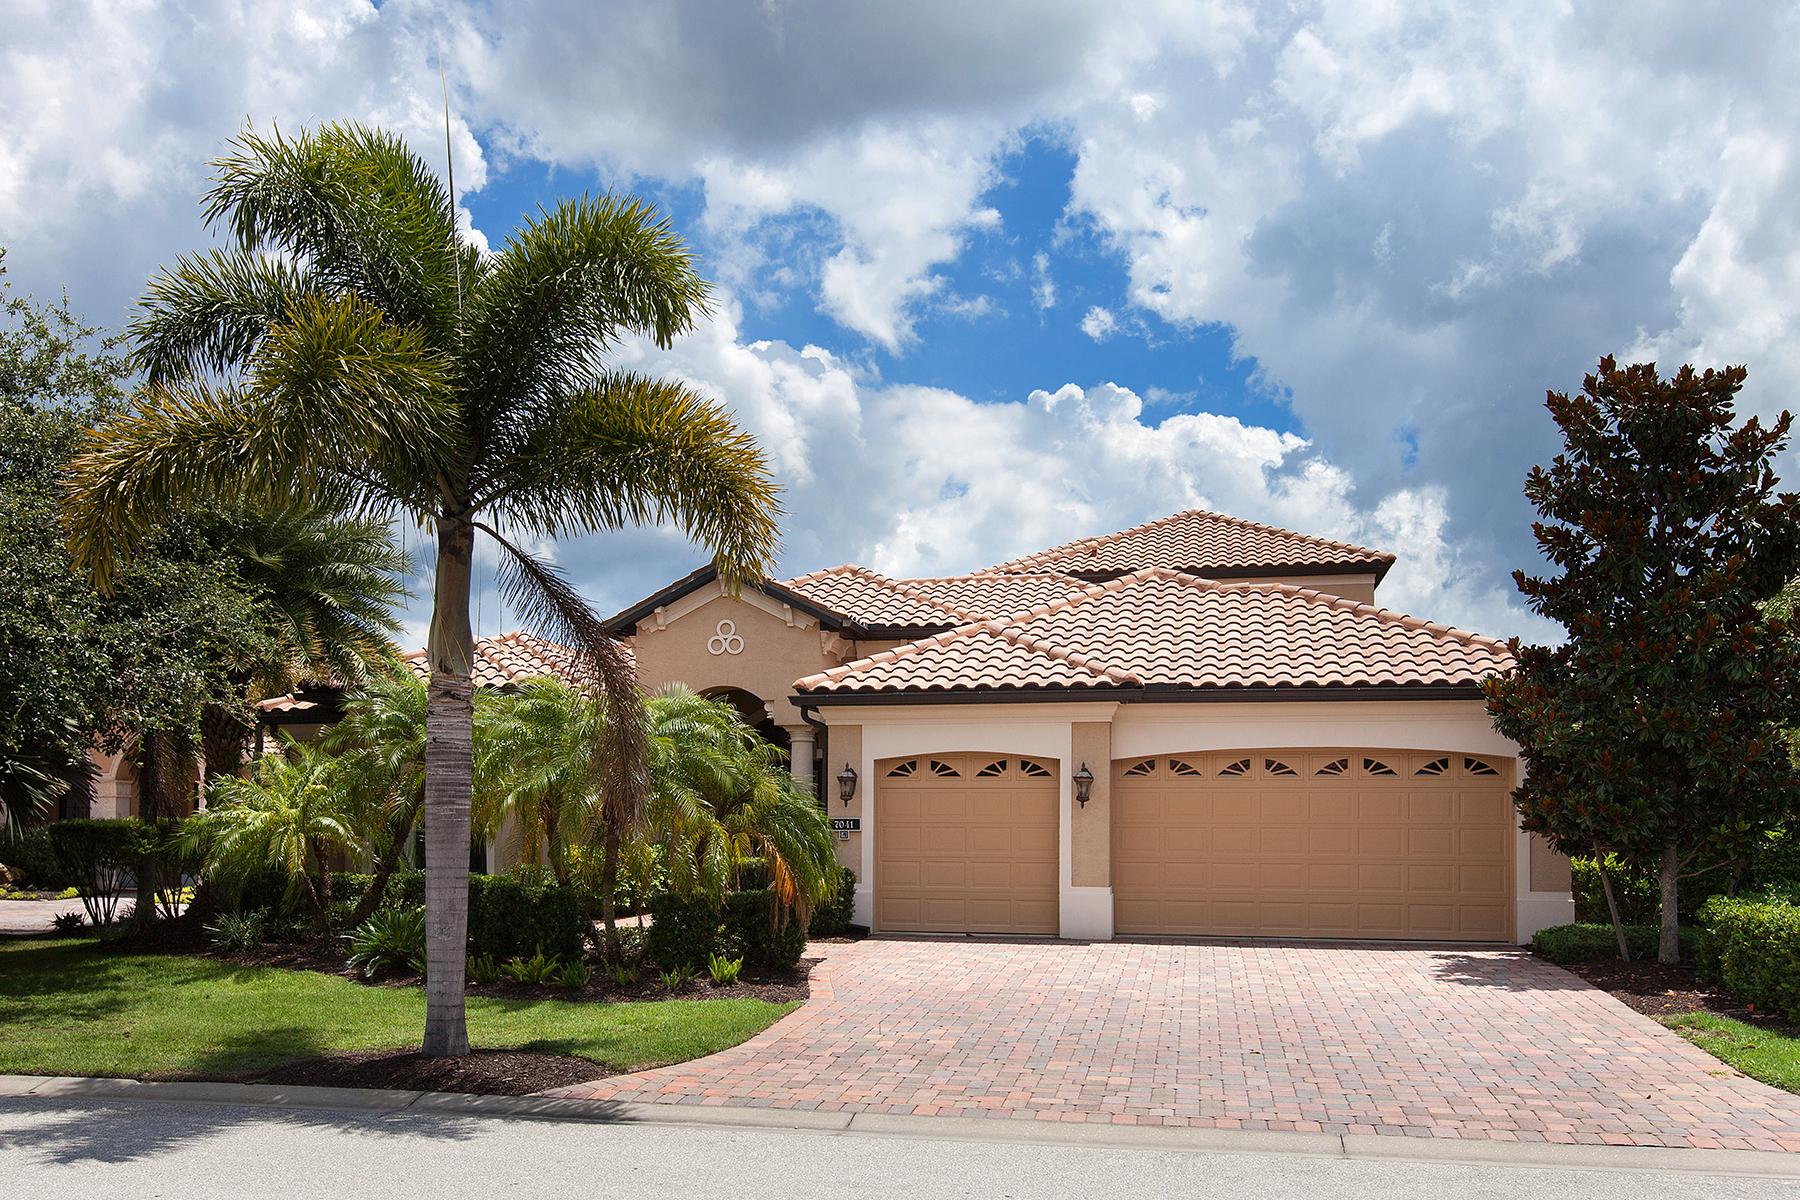 Maison unifamiliale pour l Vente à LAKEWOOD RANCH COUNTRY CLUB-BRIER CREEK 7041 Brier Creek Ct Lakewood Ranch, Florida 34202 États-Unis